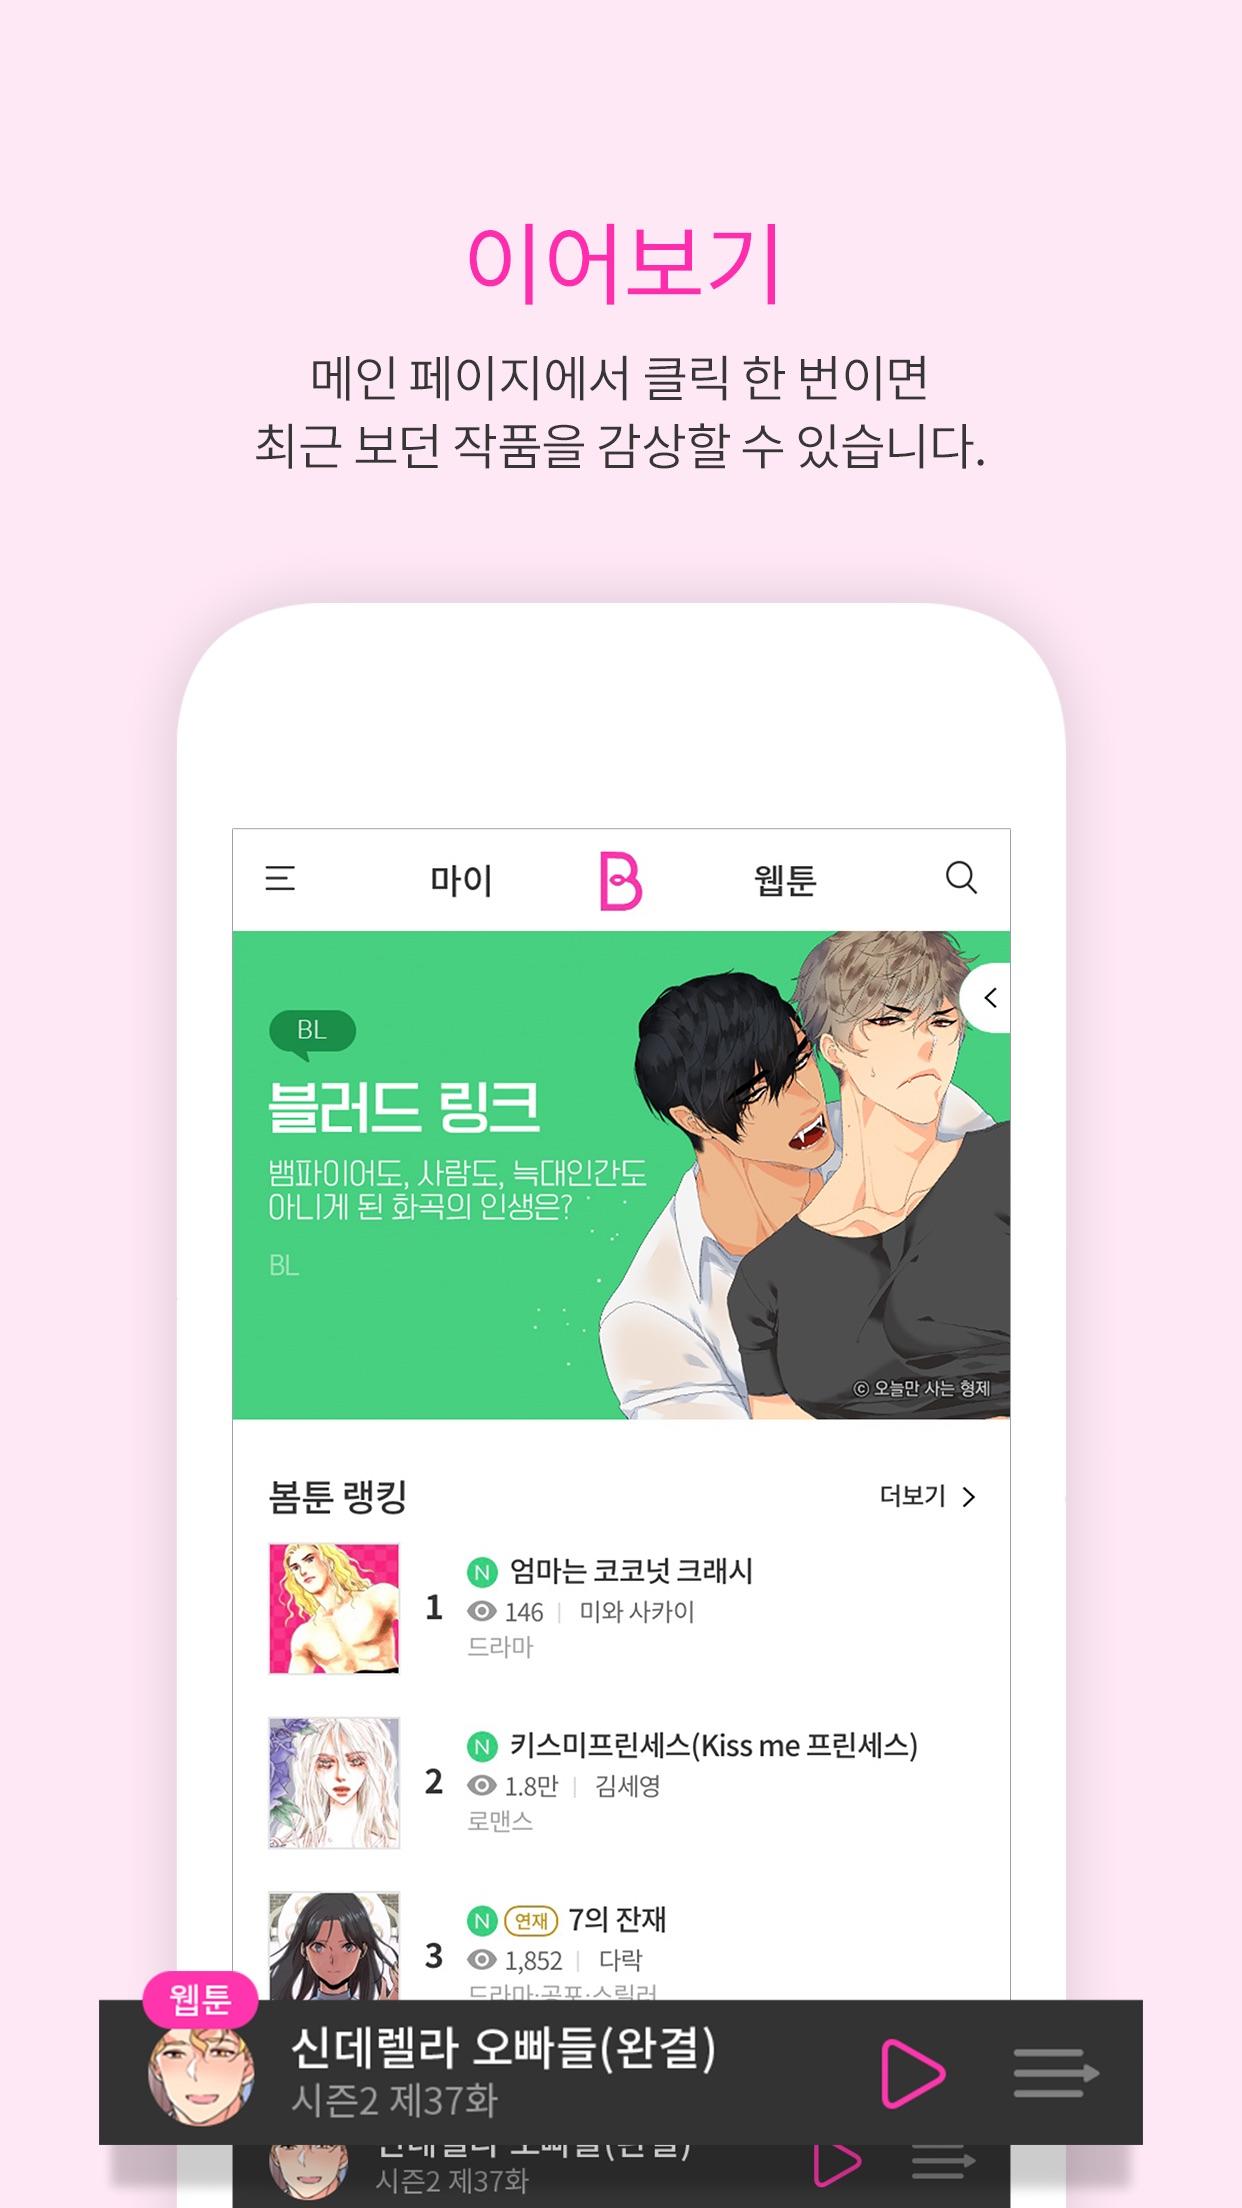 봄툰 - 설레이는 웹툰/만화가 여기에 Screenshot